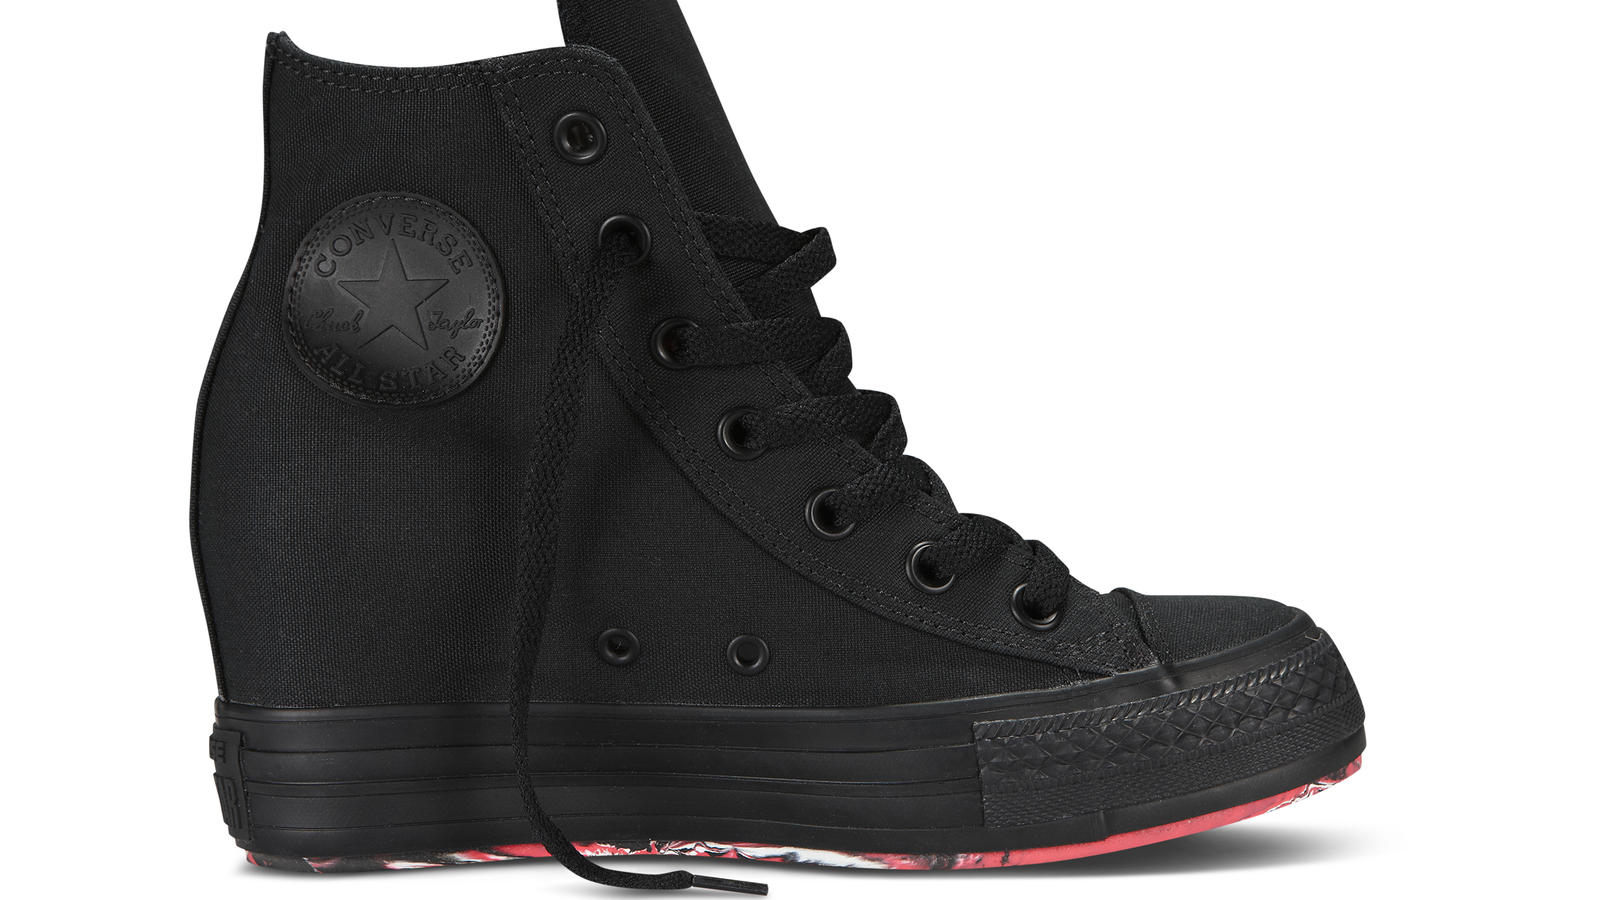 Converse Announces Spring 2014 All Star Collection - Nike News 001e46e8f